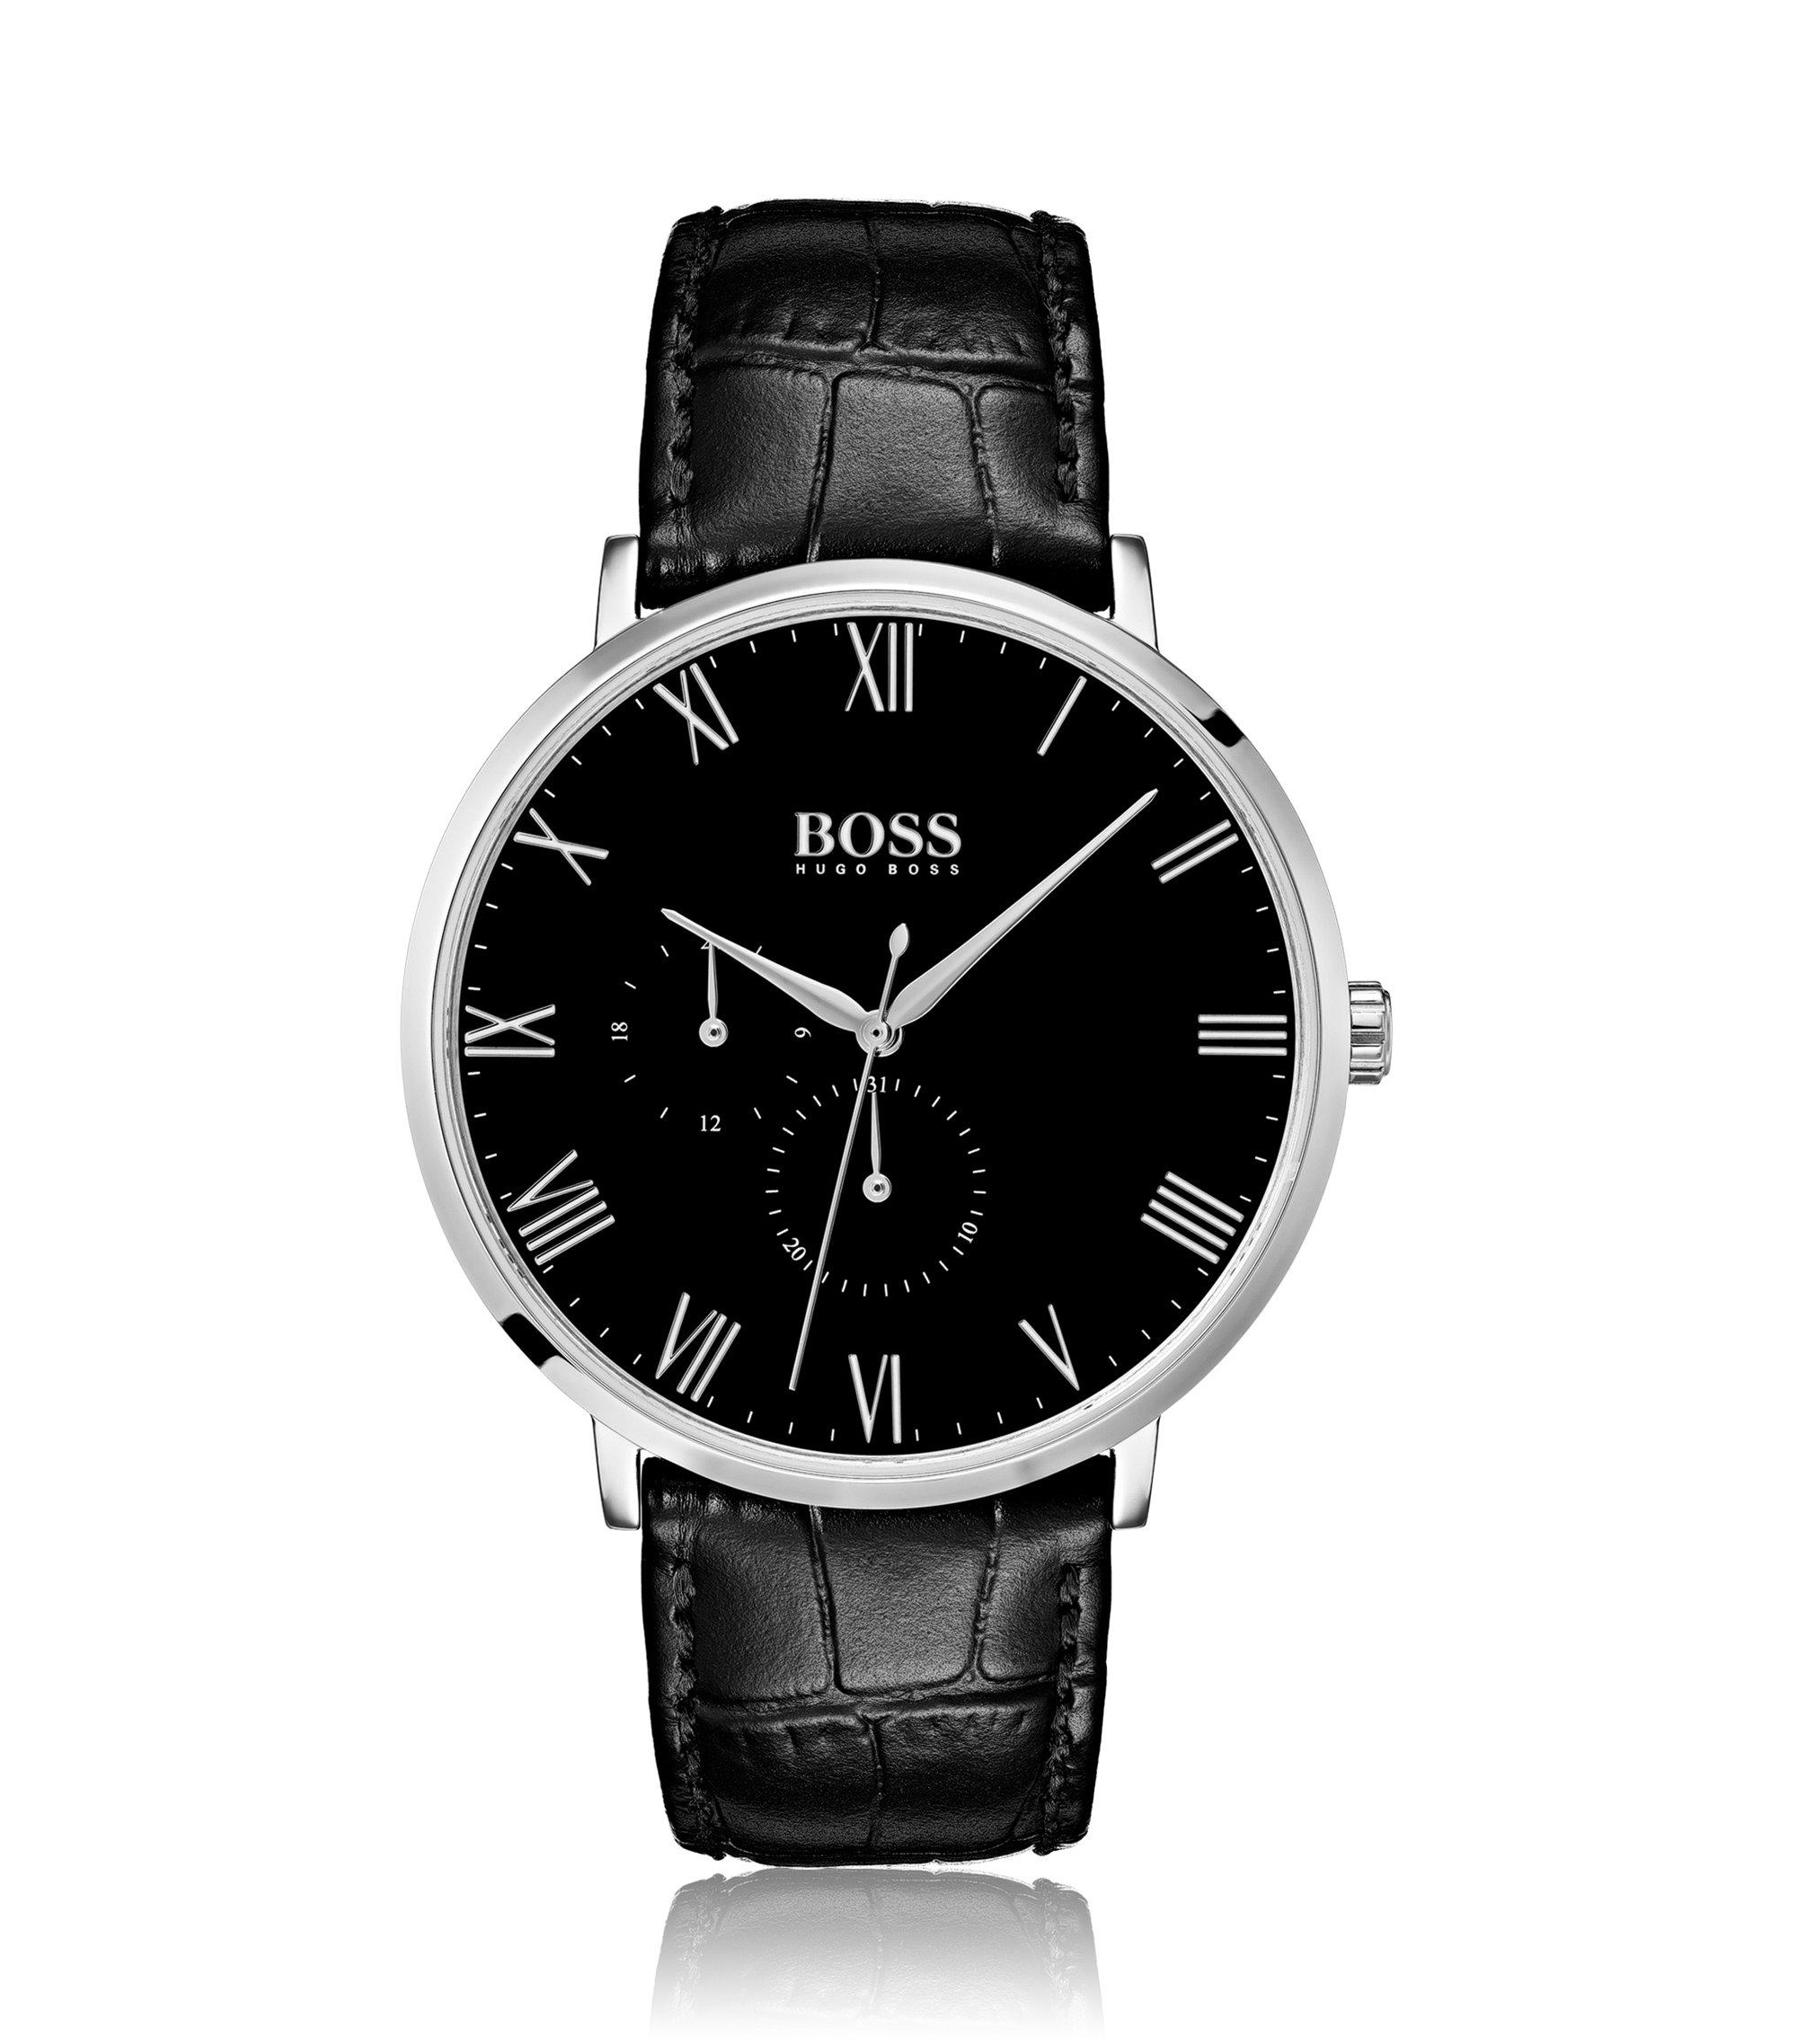 Uhr aus poliertem Edelstahl mit schwarzem Emaille-Zifferblatt, Schwarz